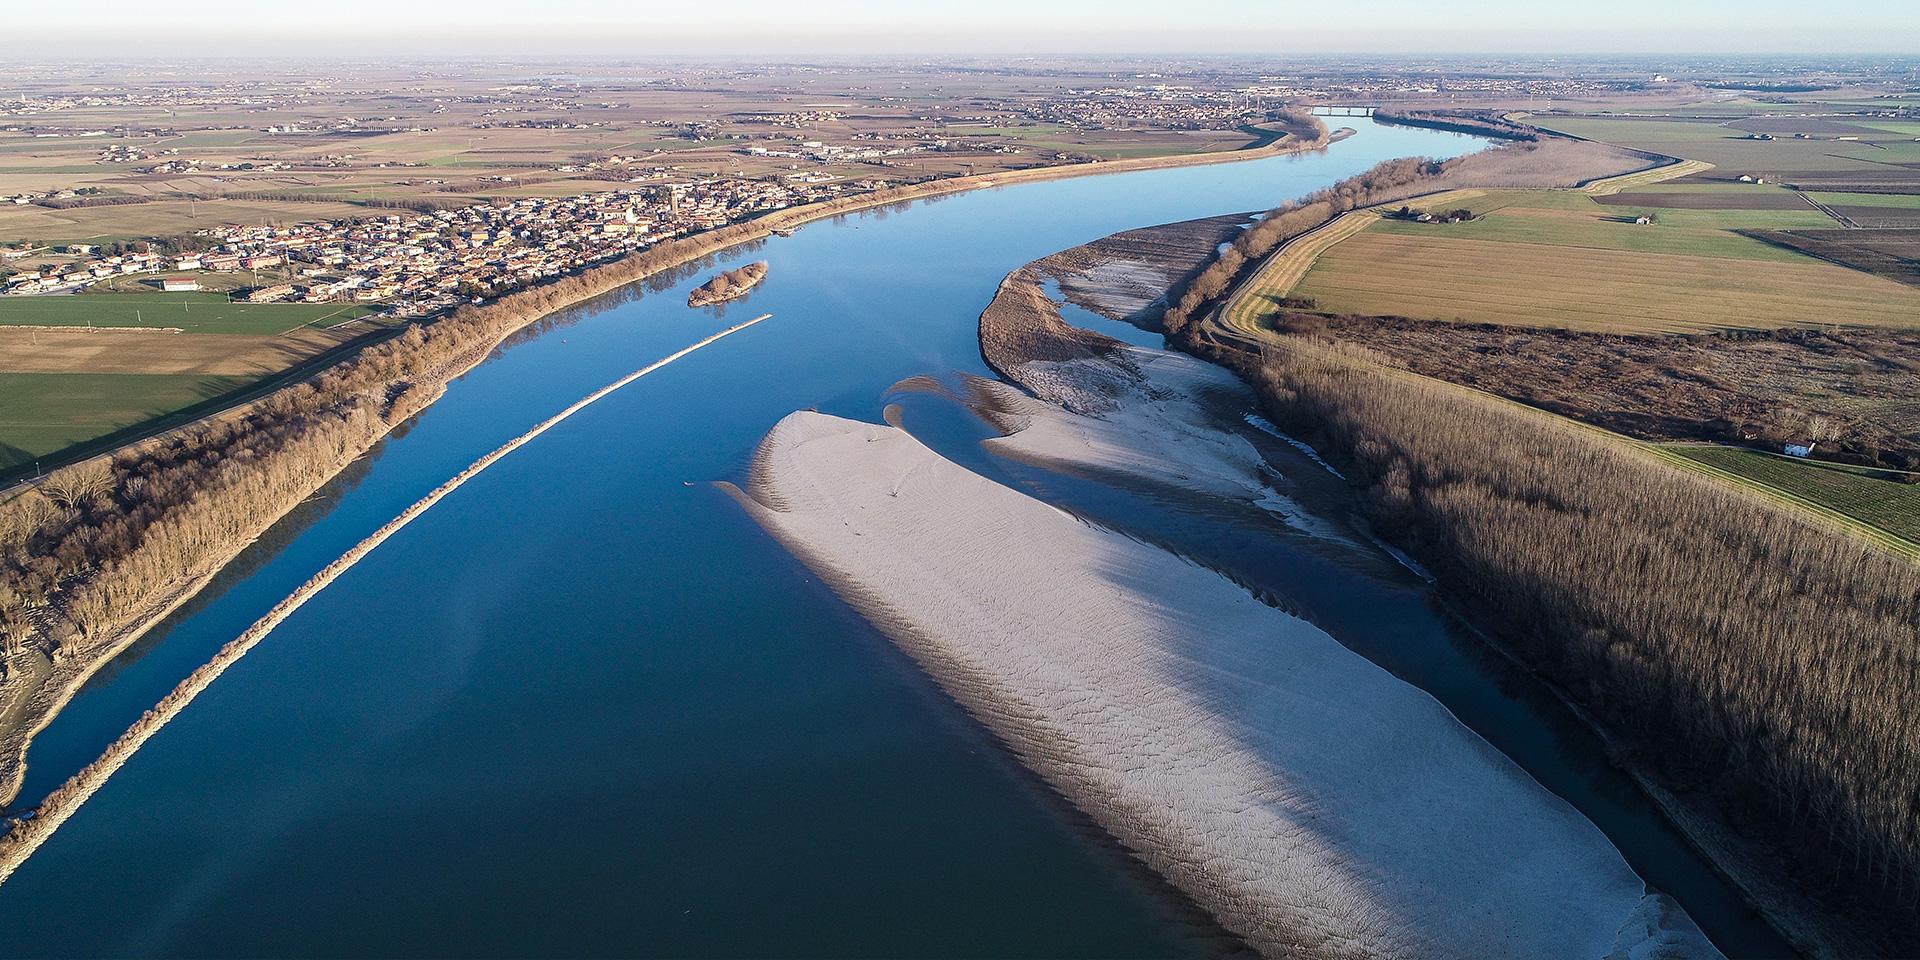 Progetto fiume Po Revere-Ferrara, Binini Partners, Società di architettura e ingegneria